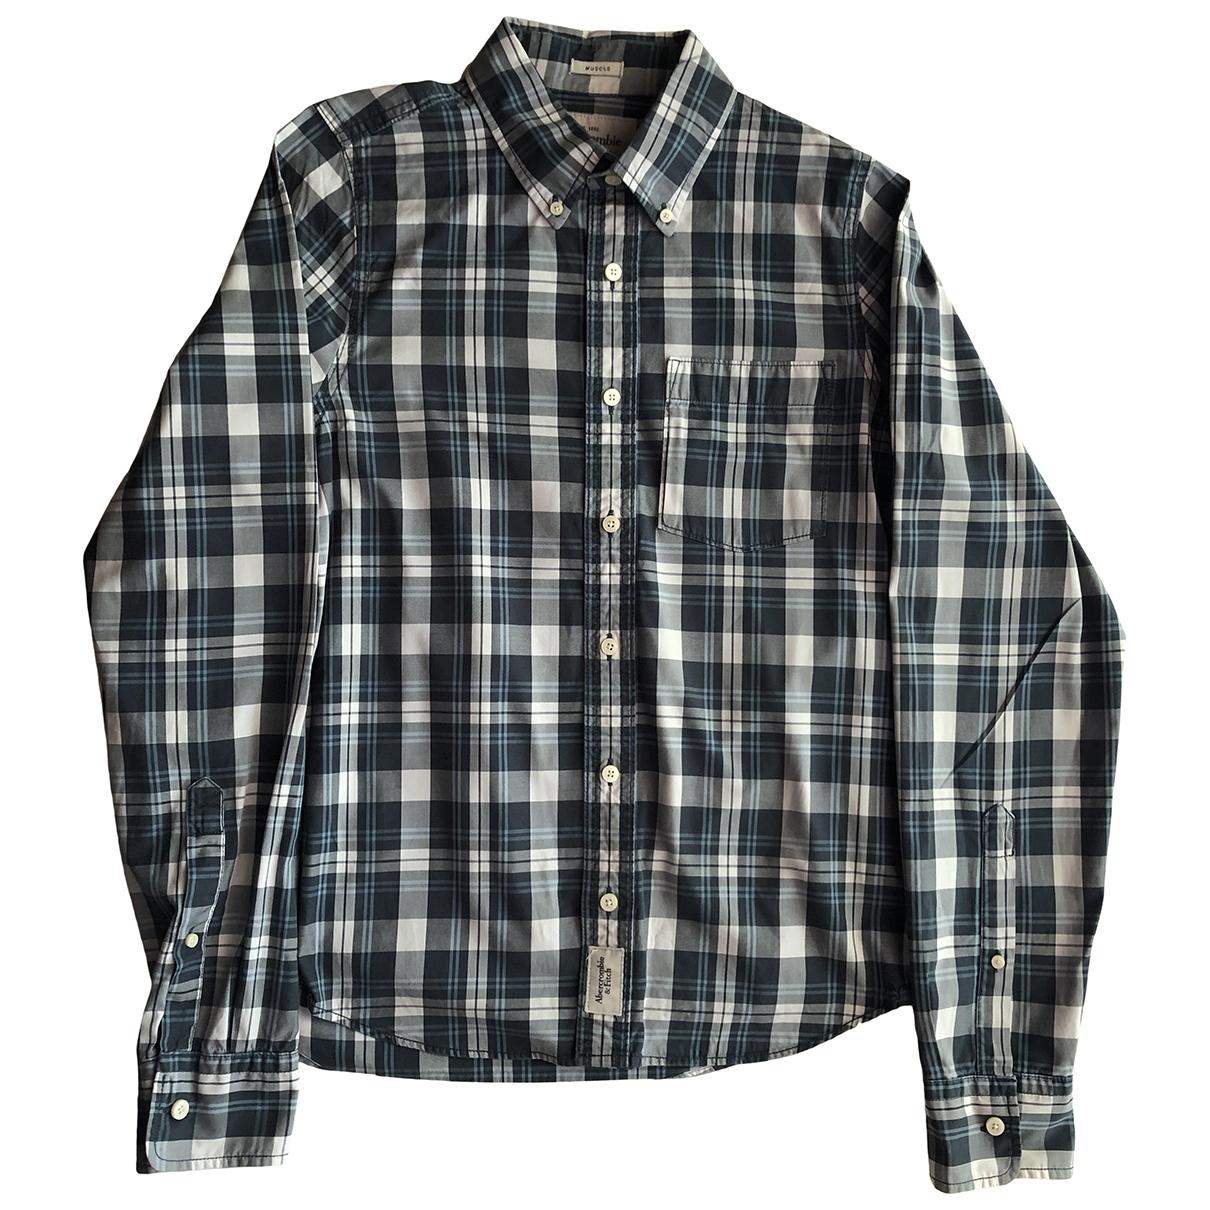 Abercrombie & Fitch - Chemises   pour homme en coton - multicolore